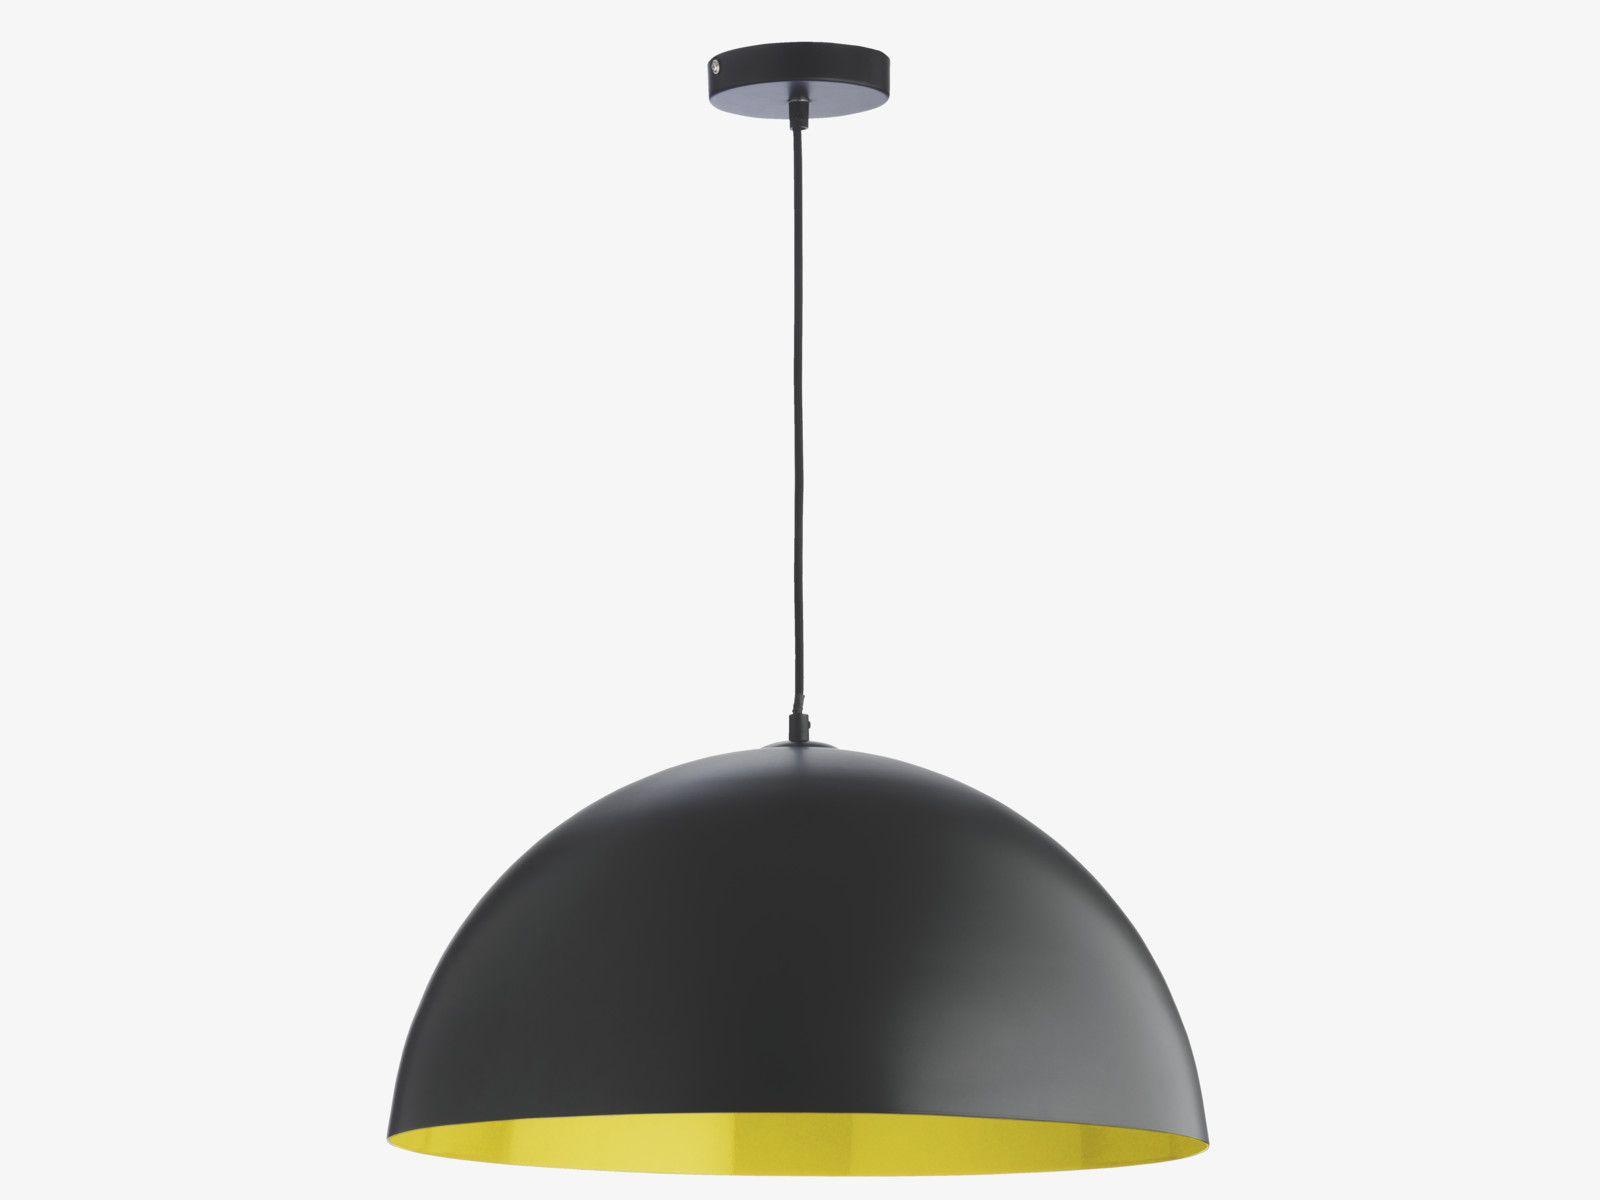 Samuel Yellows Metal Black And Yellow Metal Pendant Lamp Pendants Habitatuk Metal Ceiling Lighting Metal Ceiling Metal Pendant Lamps